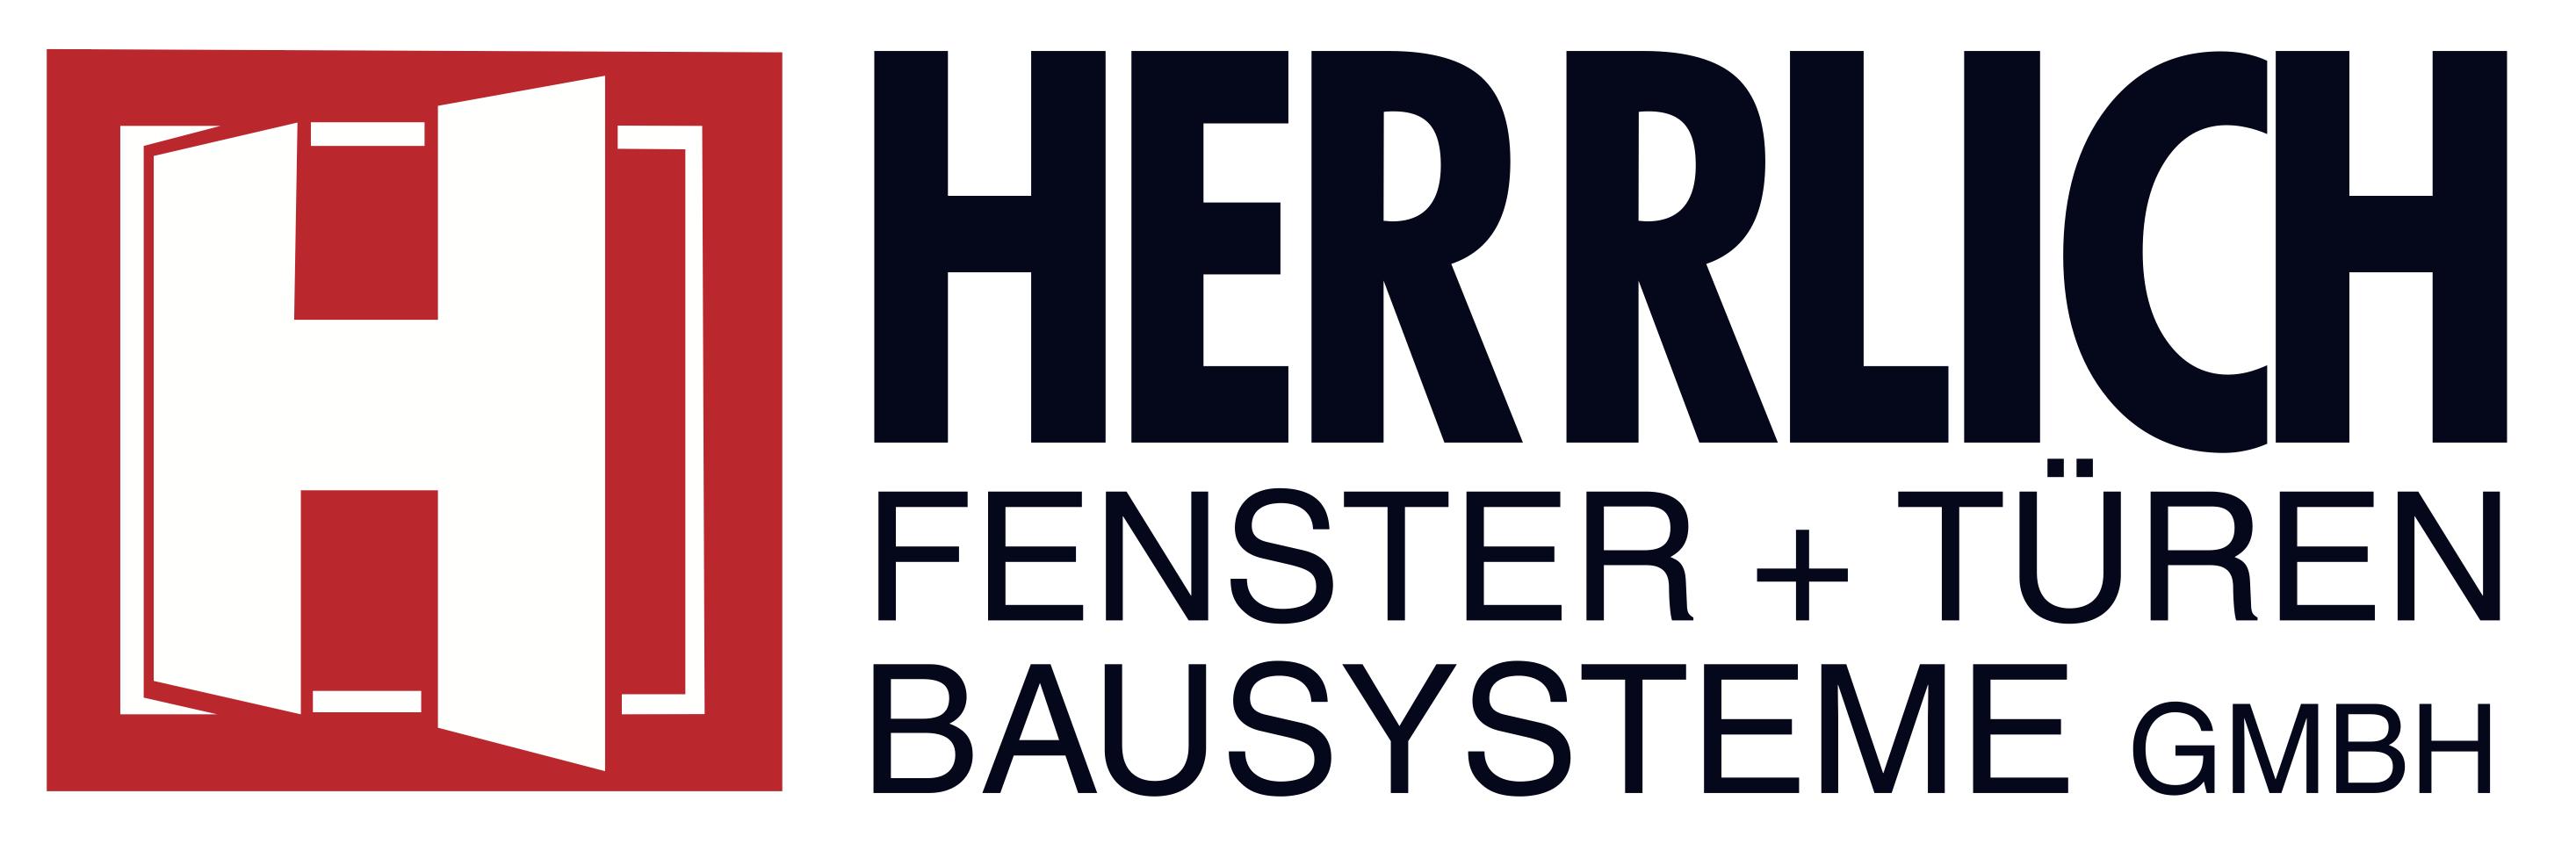 Herrlich Fenster + Türen Bausysteme GmbH